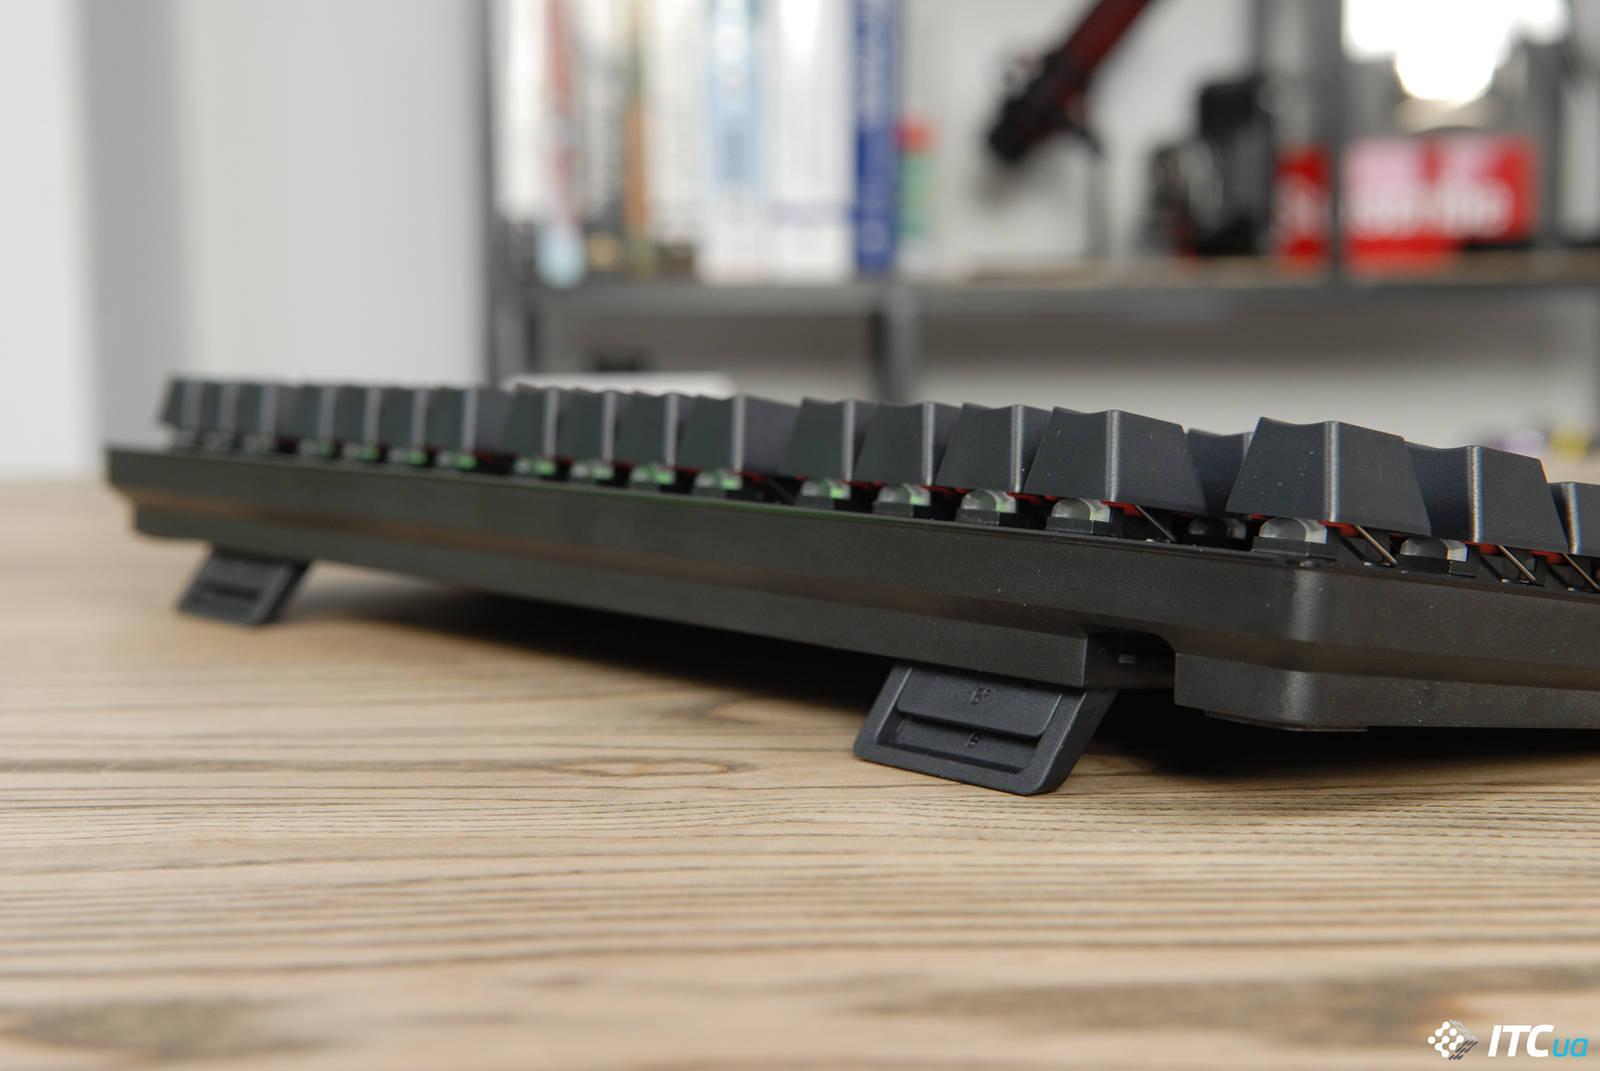 Клавиатура Razer Huntsman Tournament Edition. Фото 16